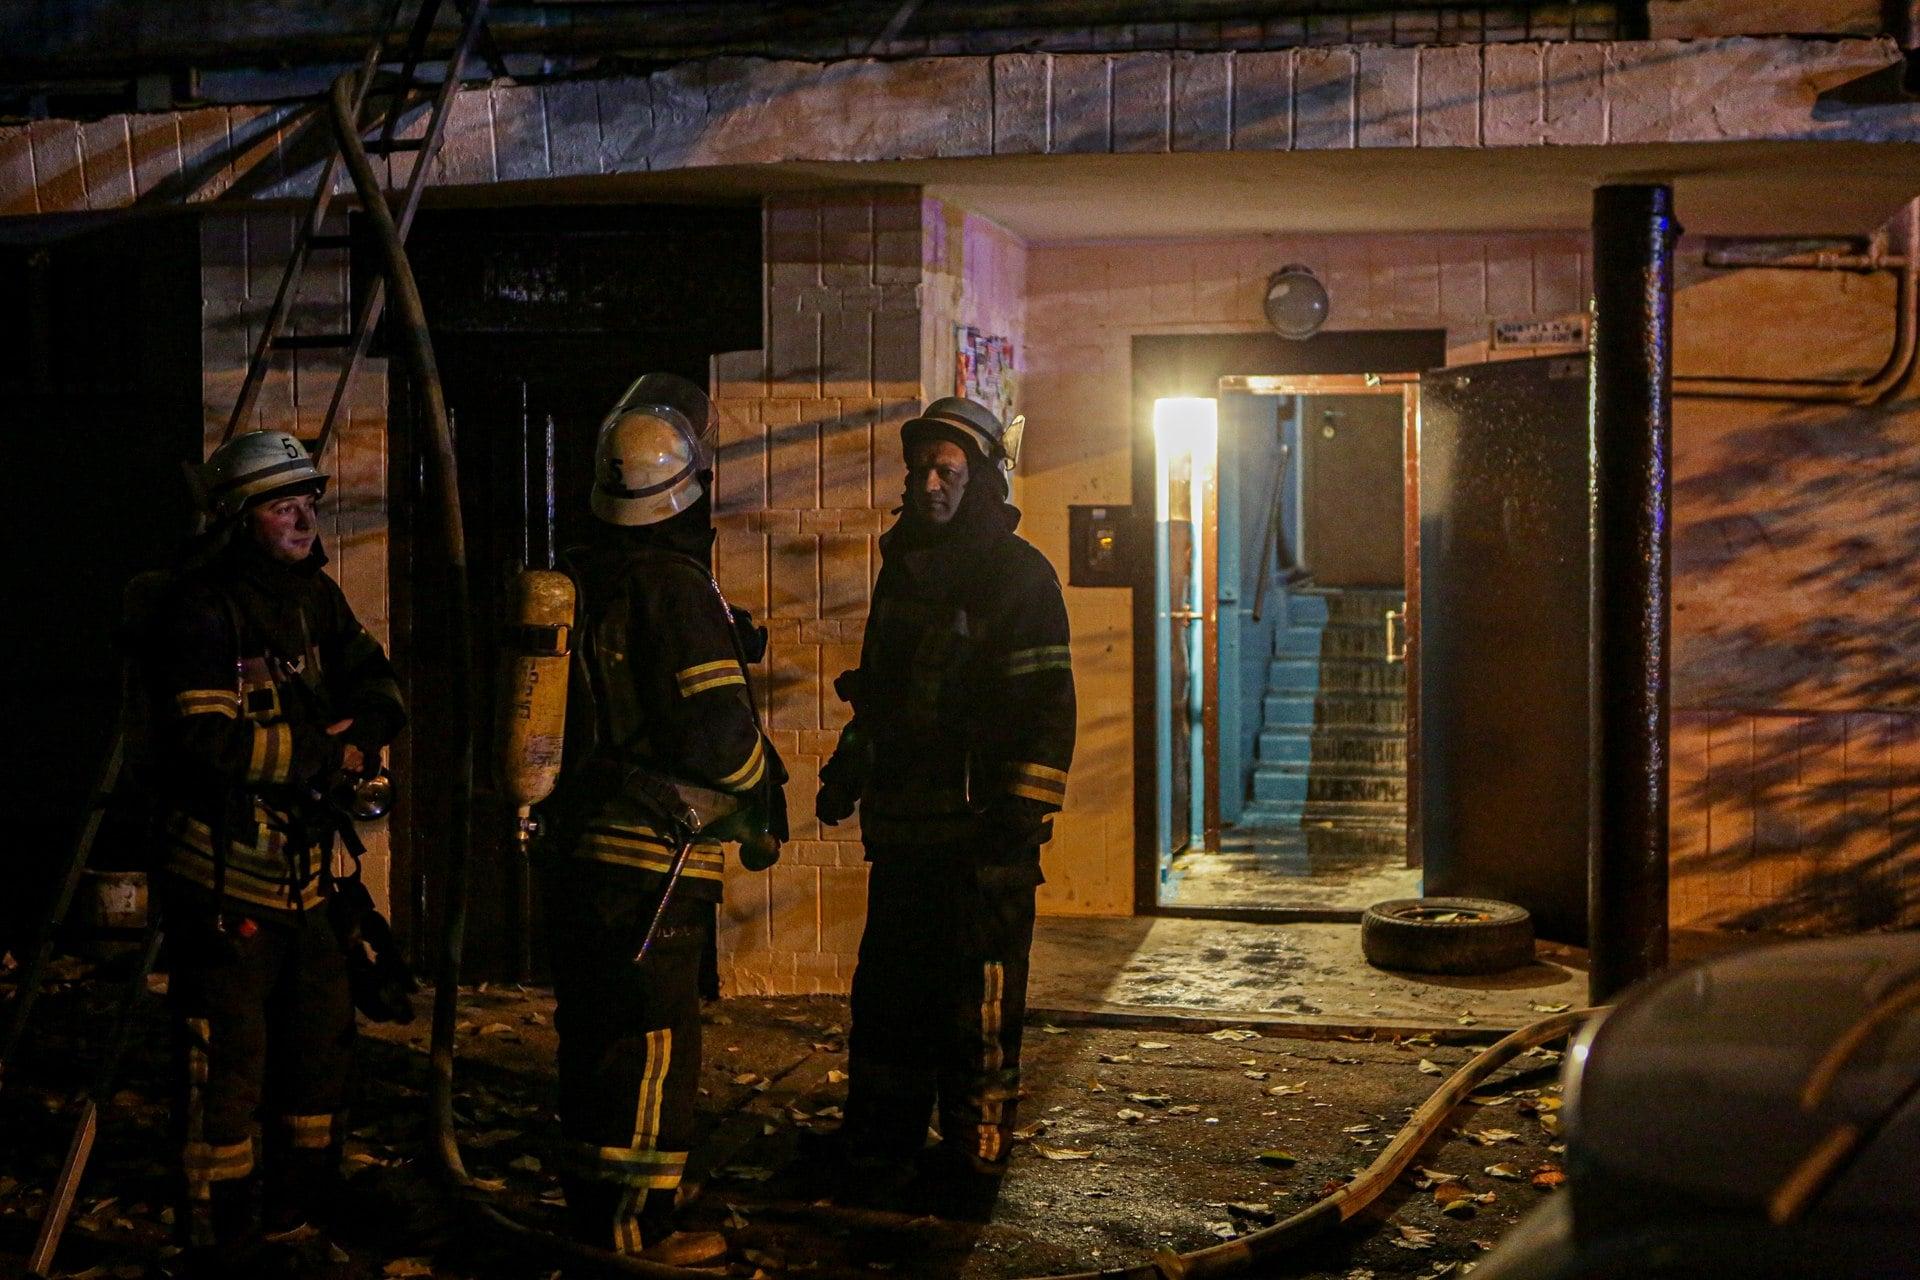 Підпал автошин у багатоповерхівці Києва міг закінчитись трагічно - пожежа - 125132147 3491294100950507 4065703363156484243 o